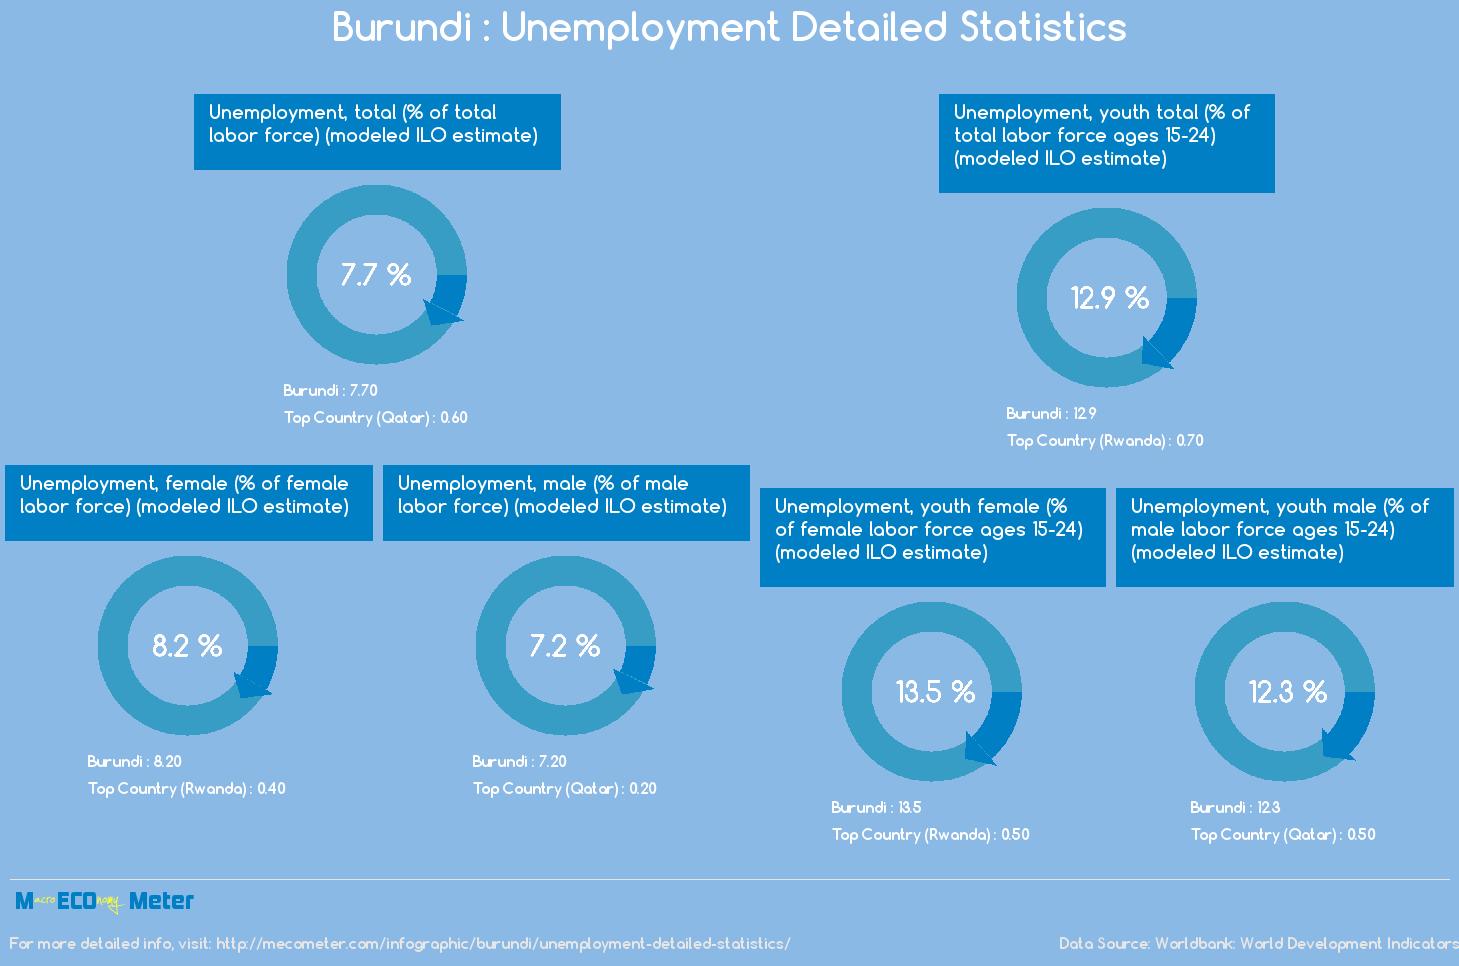 Burundi : Unemployment Detailed Statistics